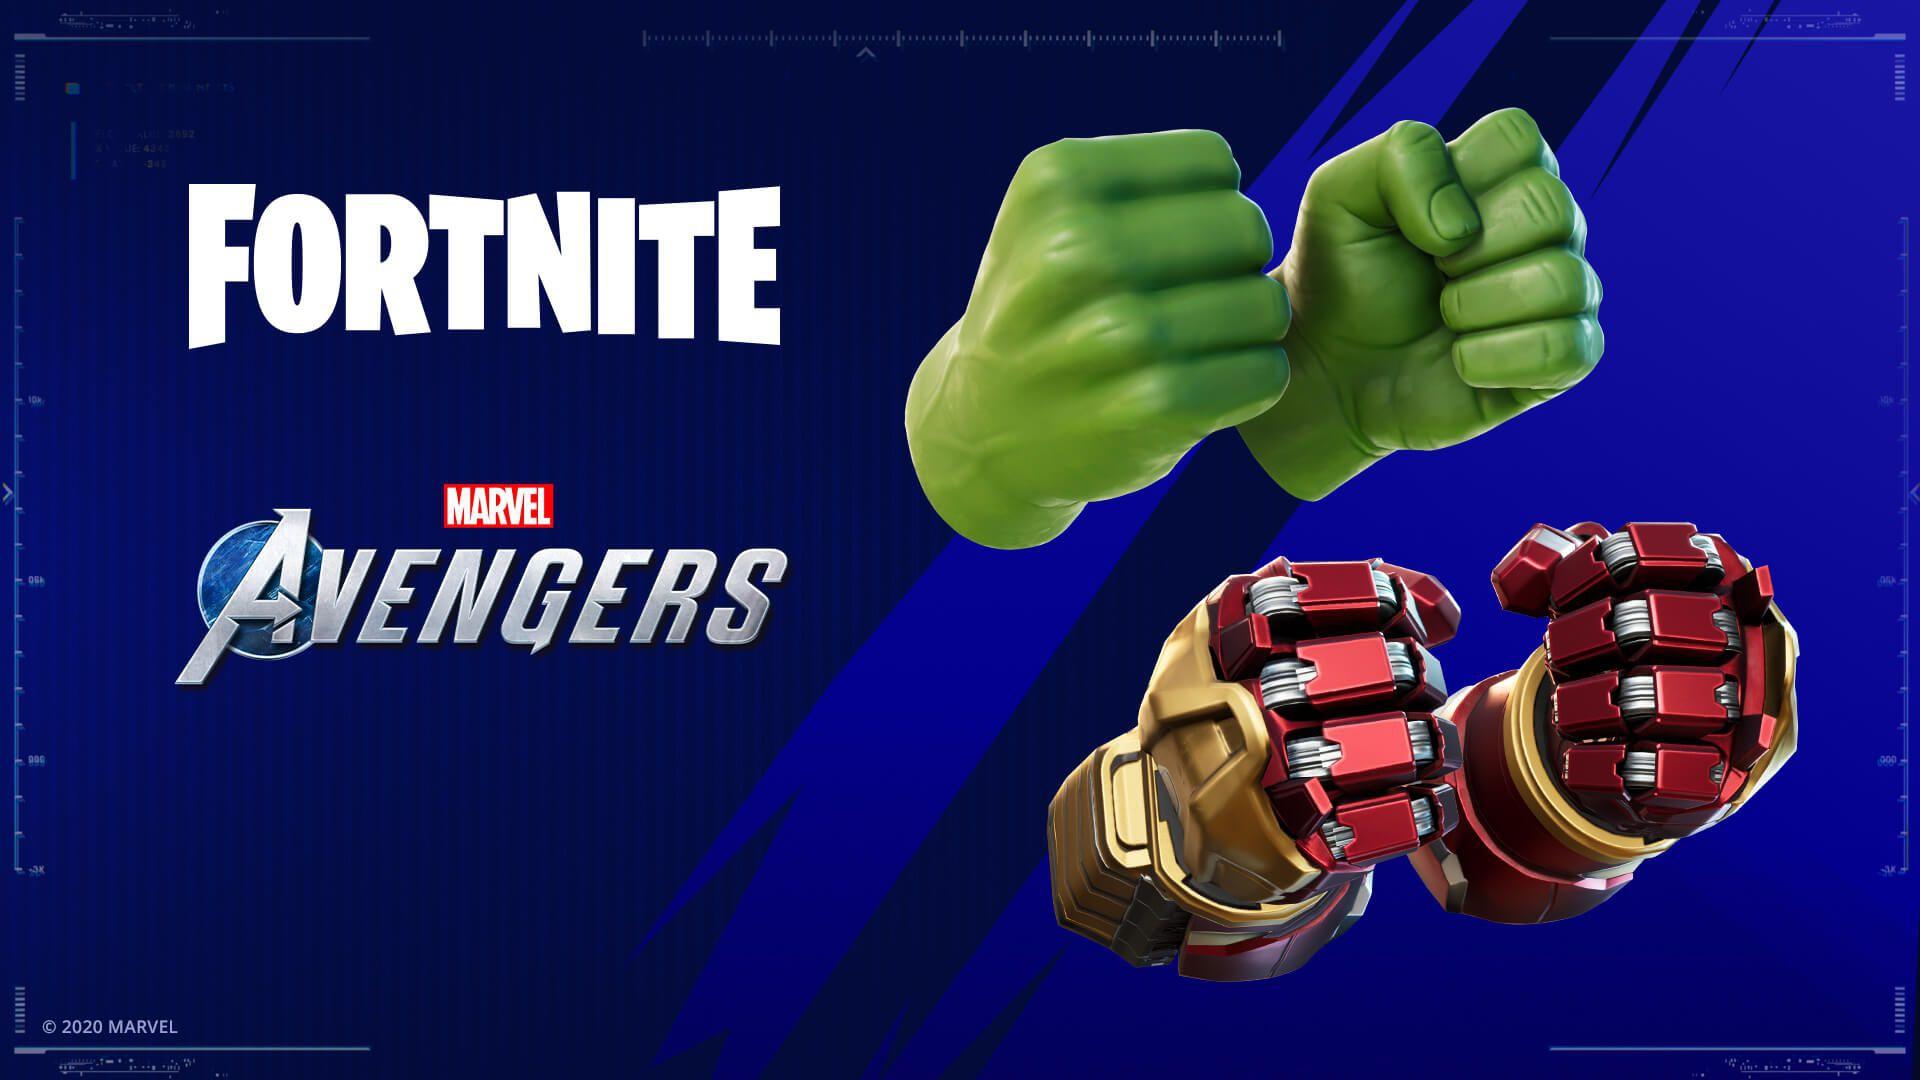 """Участники беты Marvel's Avengers смогут получить """"руки Халка"""" для Fortnite"""